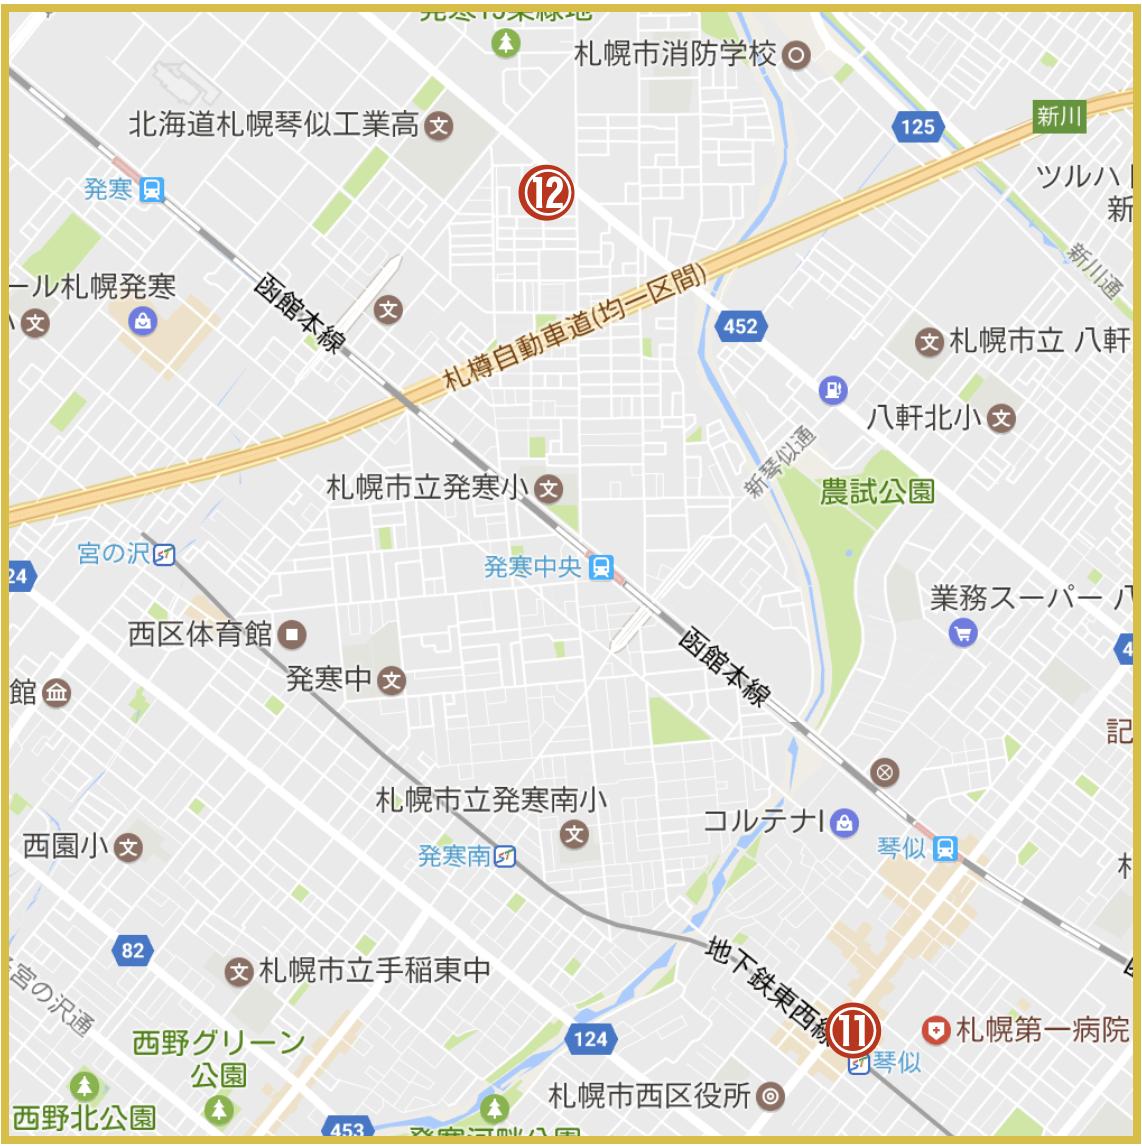 札幌市西区にあるアコム店舗・ATMの位置(2020年7月版)